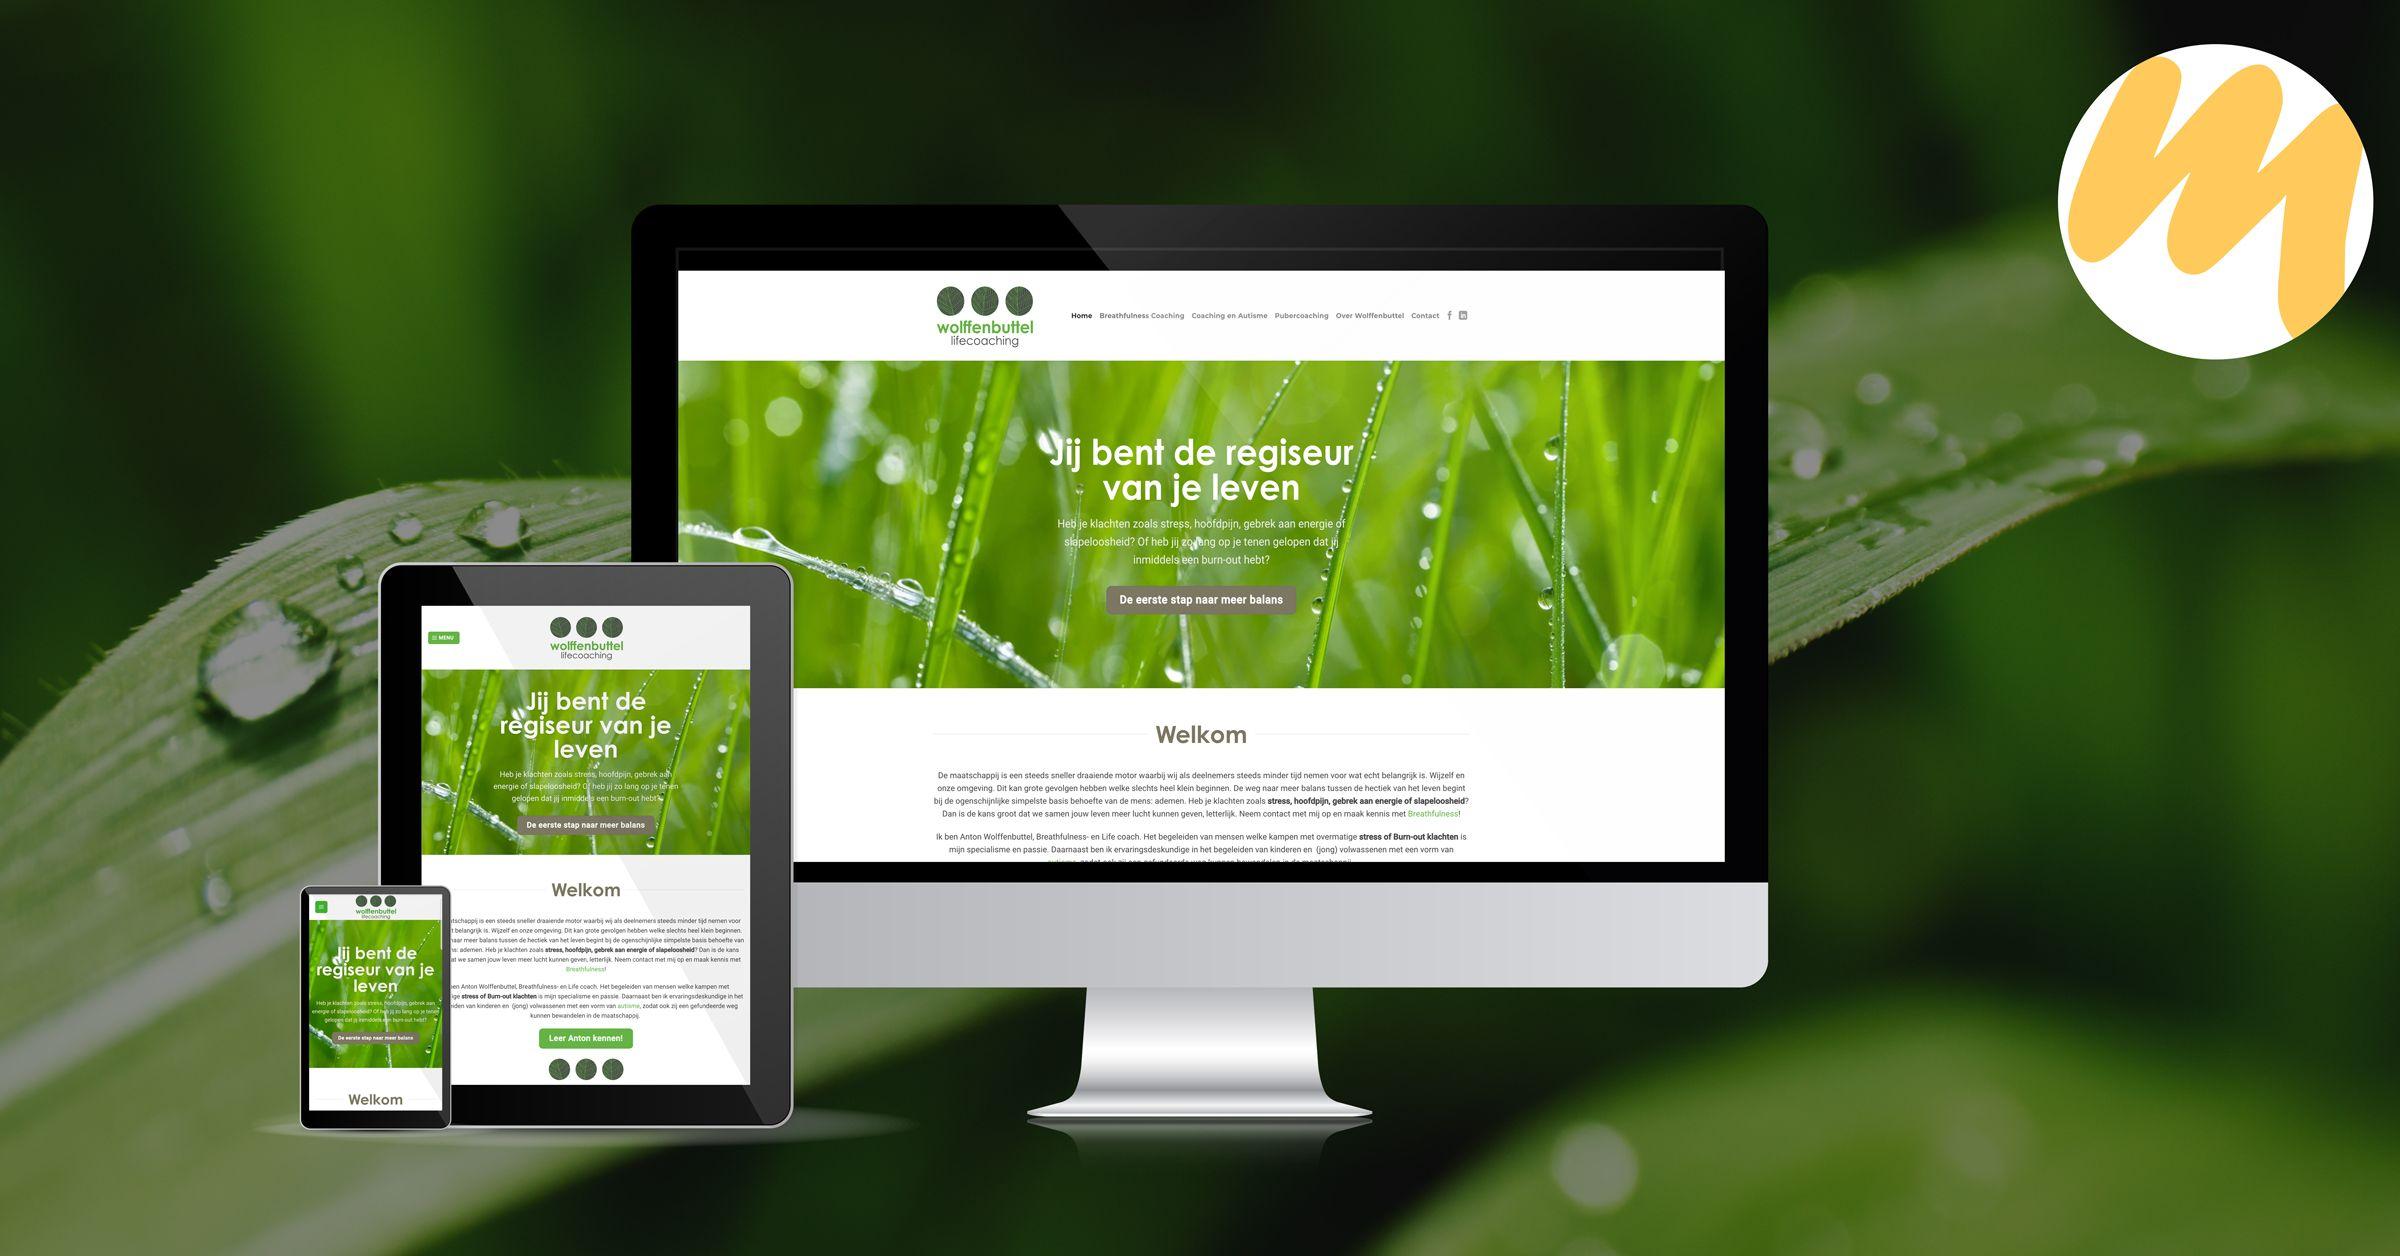 Wolffenbuttel LifeCoaching webdesign Tiel, grafisch design, Esmy Media Design Betuwe, Gelderland